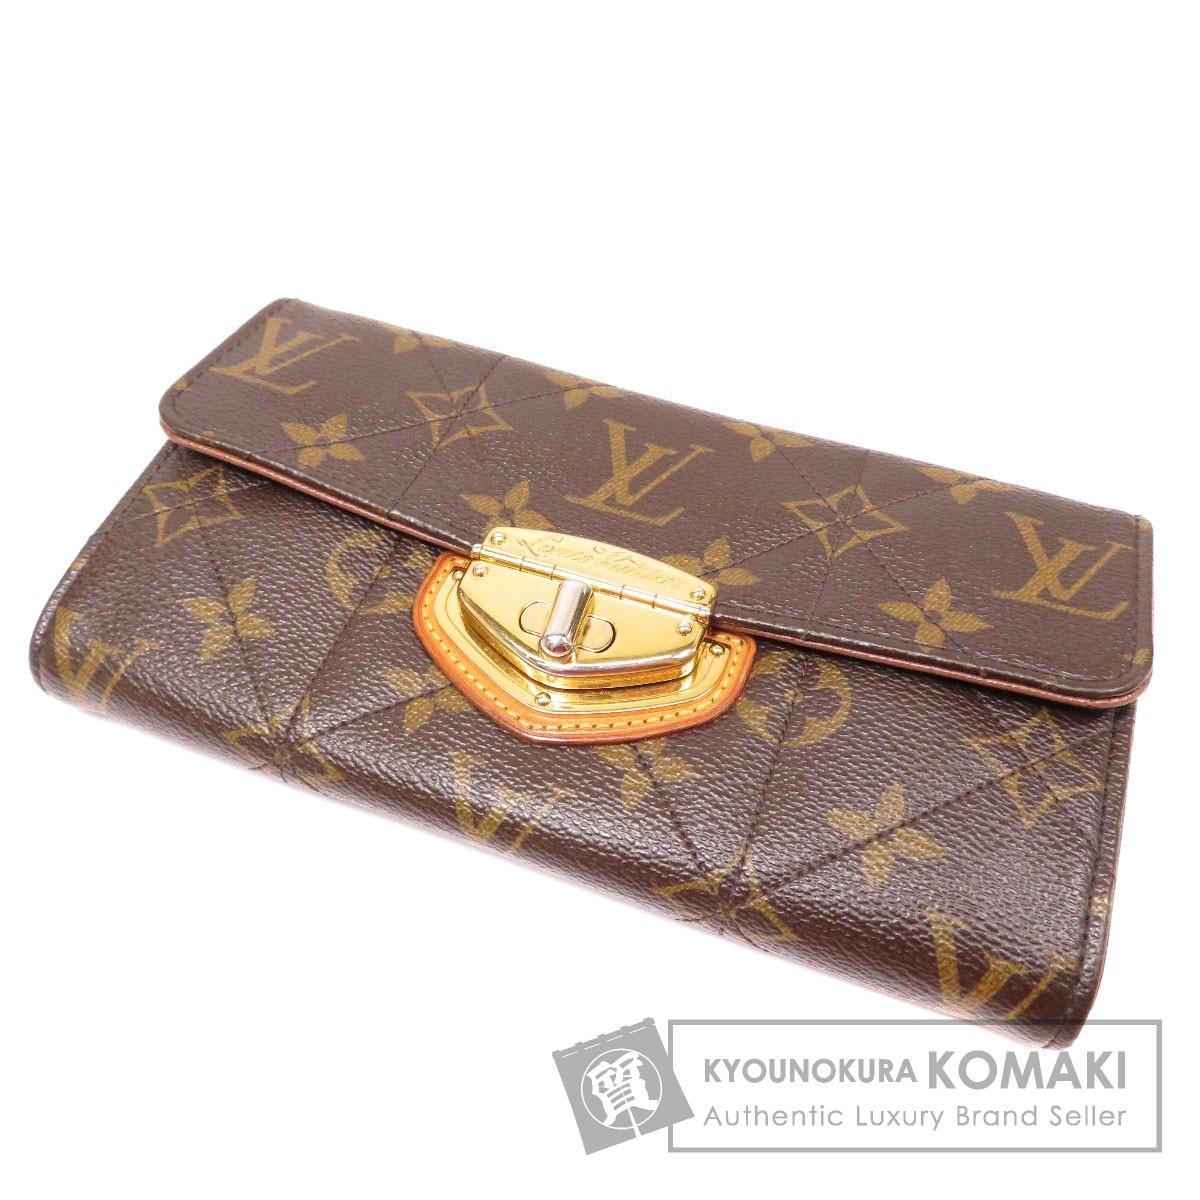 LOUIS VUITTON M66556 エトワール ポルトフォイユ サラ 長財布(小銭入れあり) モノグラムキャンバス レディース 【中古】【ルイ・ヴィトン】